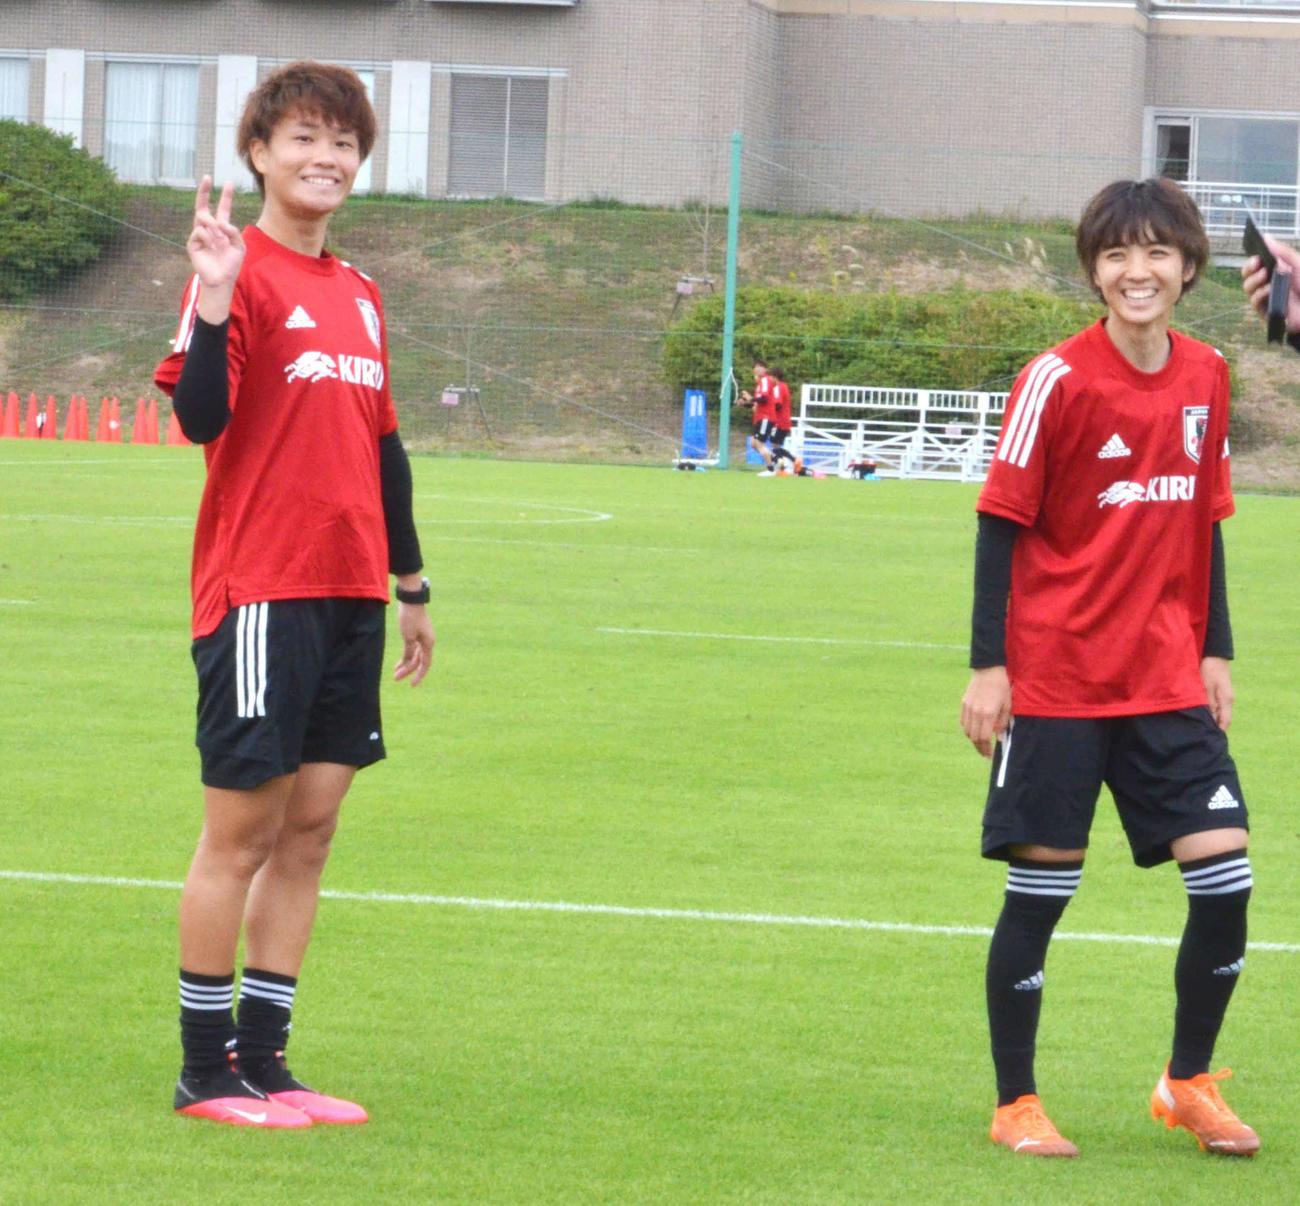 合宿最終日の練習後に、報道陣に向けてポーズをとるDF南(左)とMF北村 (撮影・松尾幸之介)